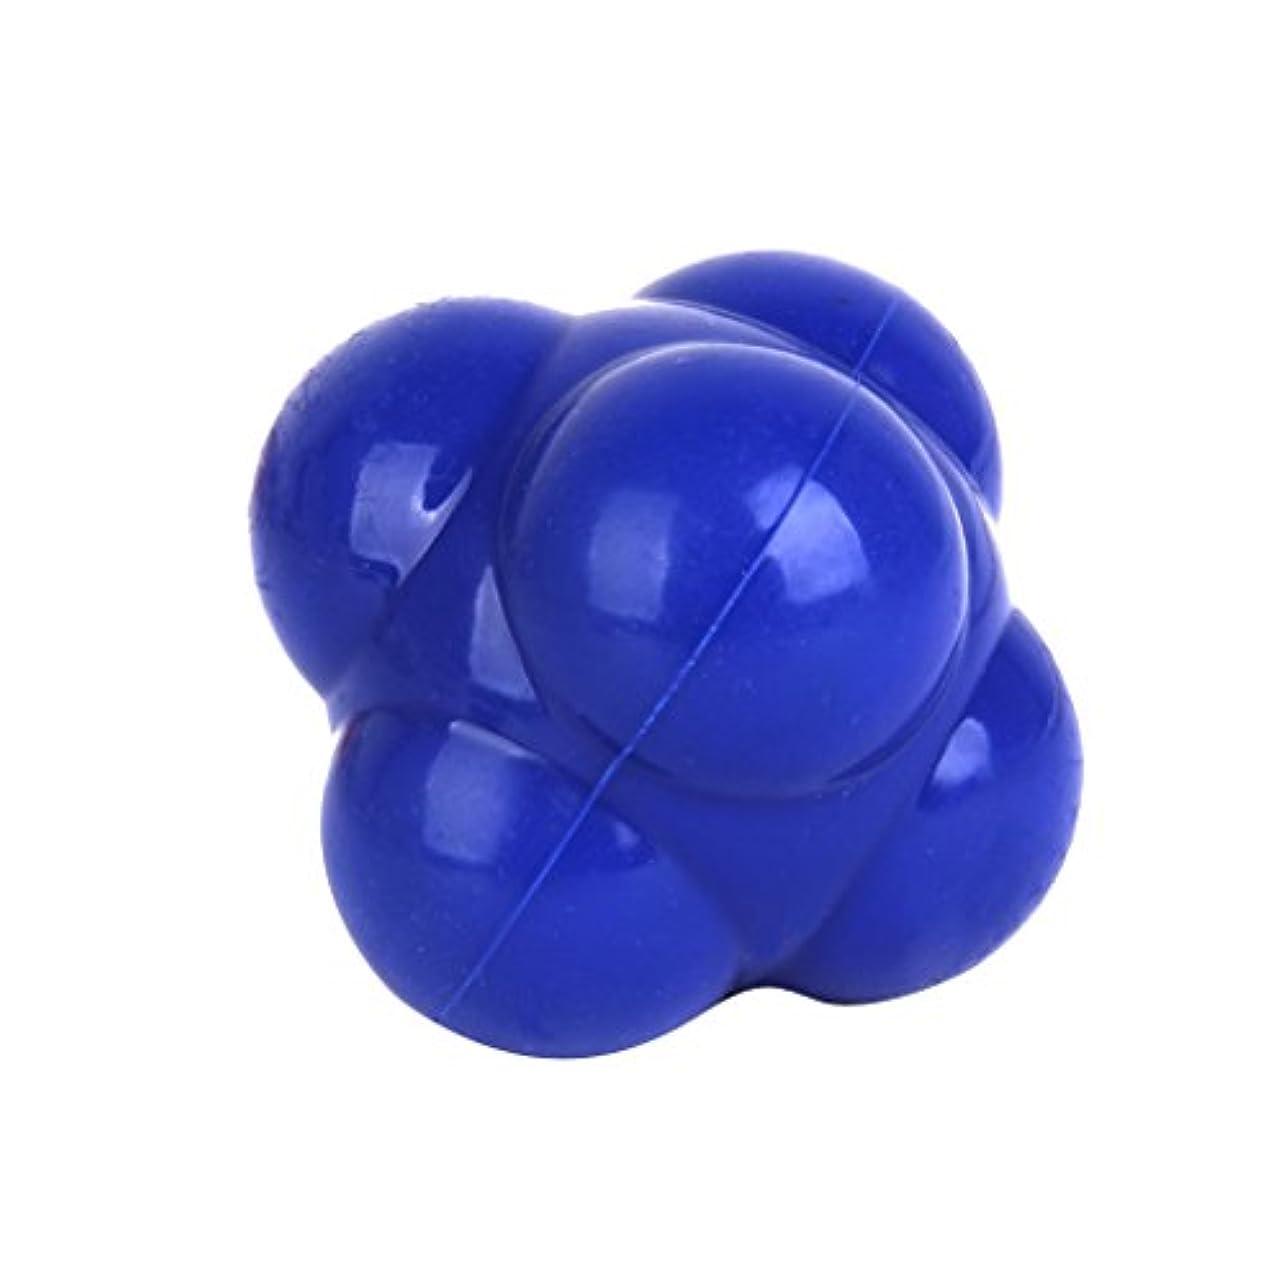 うめきあたたかい伝記【ノーブランド品】六角反応ボール 六角マッサージボール 反射運動トレーニング 青